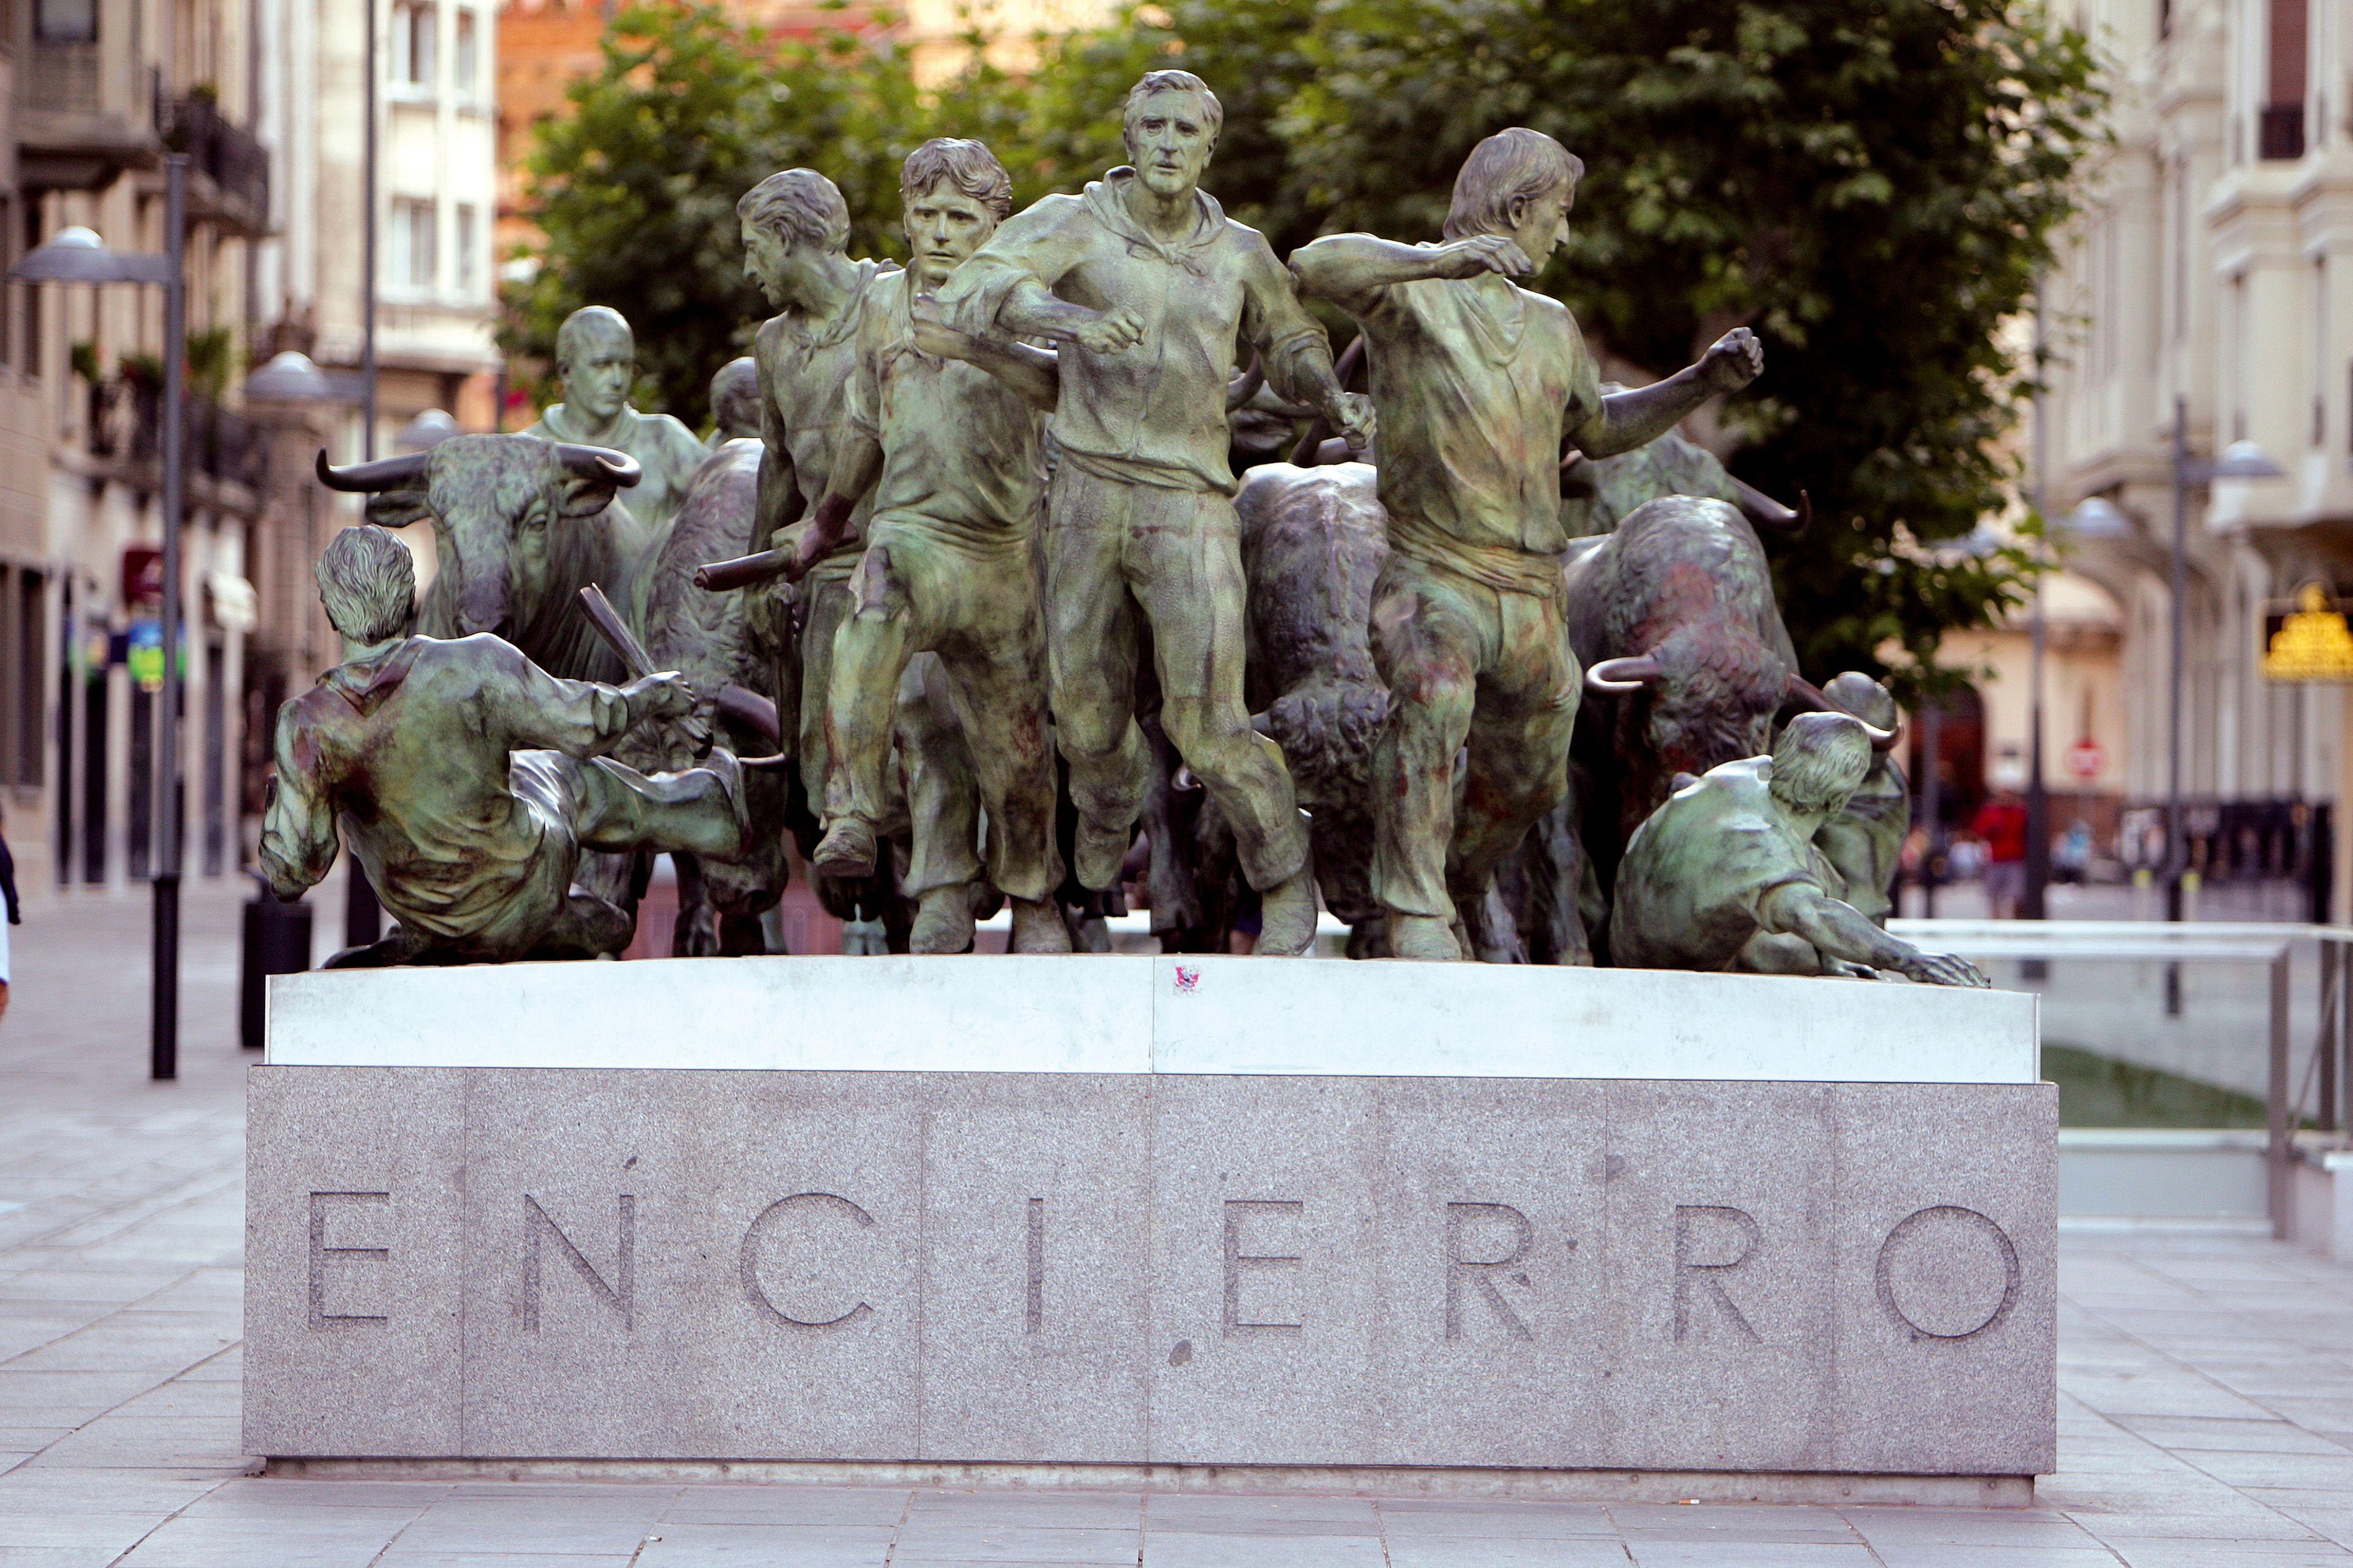 Monumento Al Encierro Pamplona Monumentos Organizar Viaje